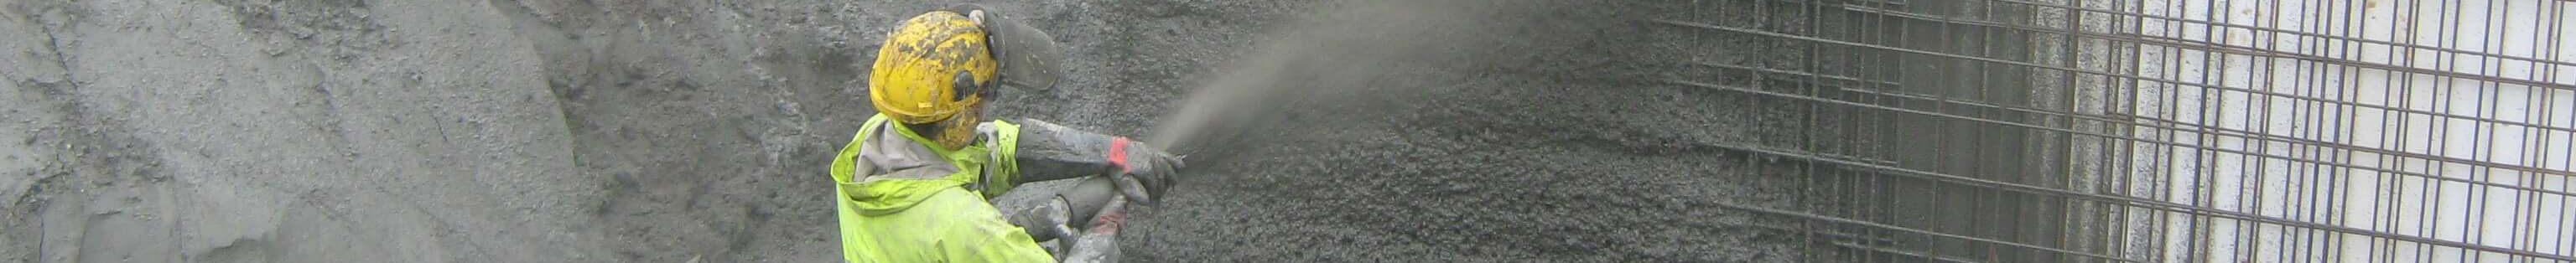 Smalt bilde av mann som sprøyter betong